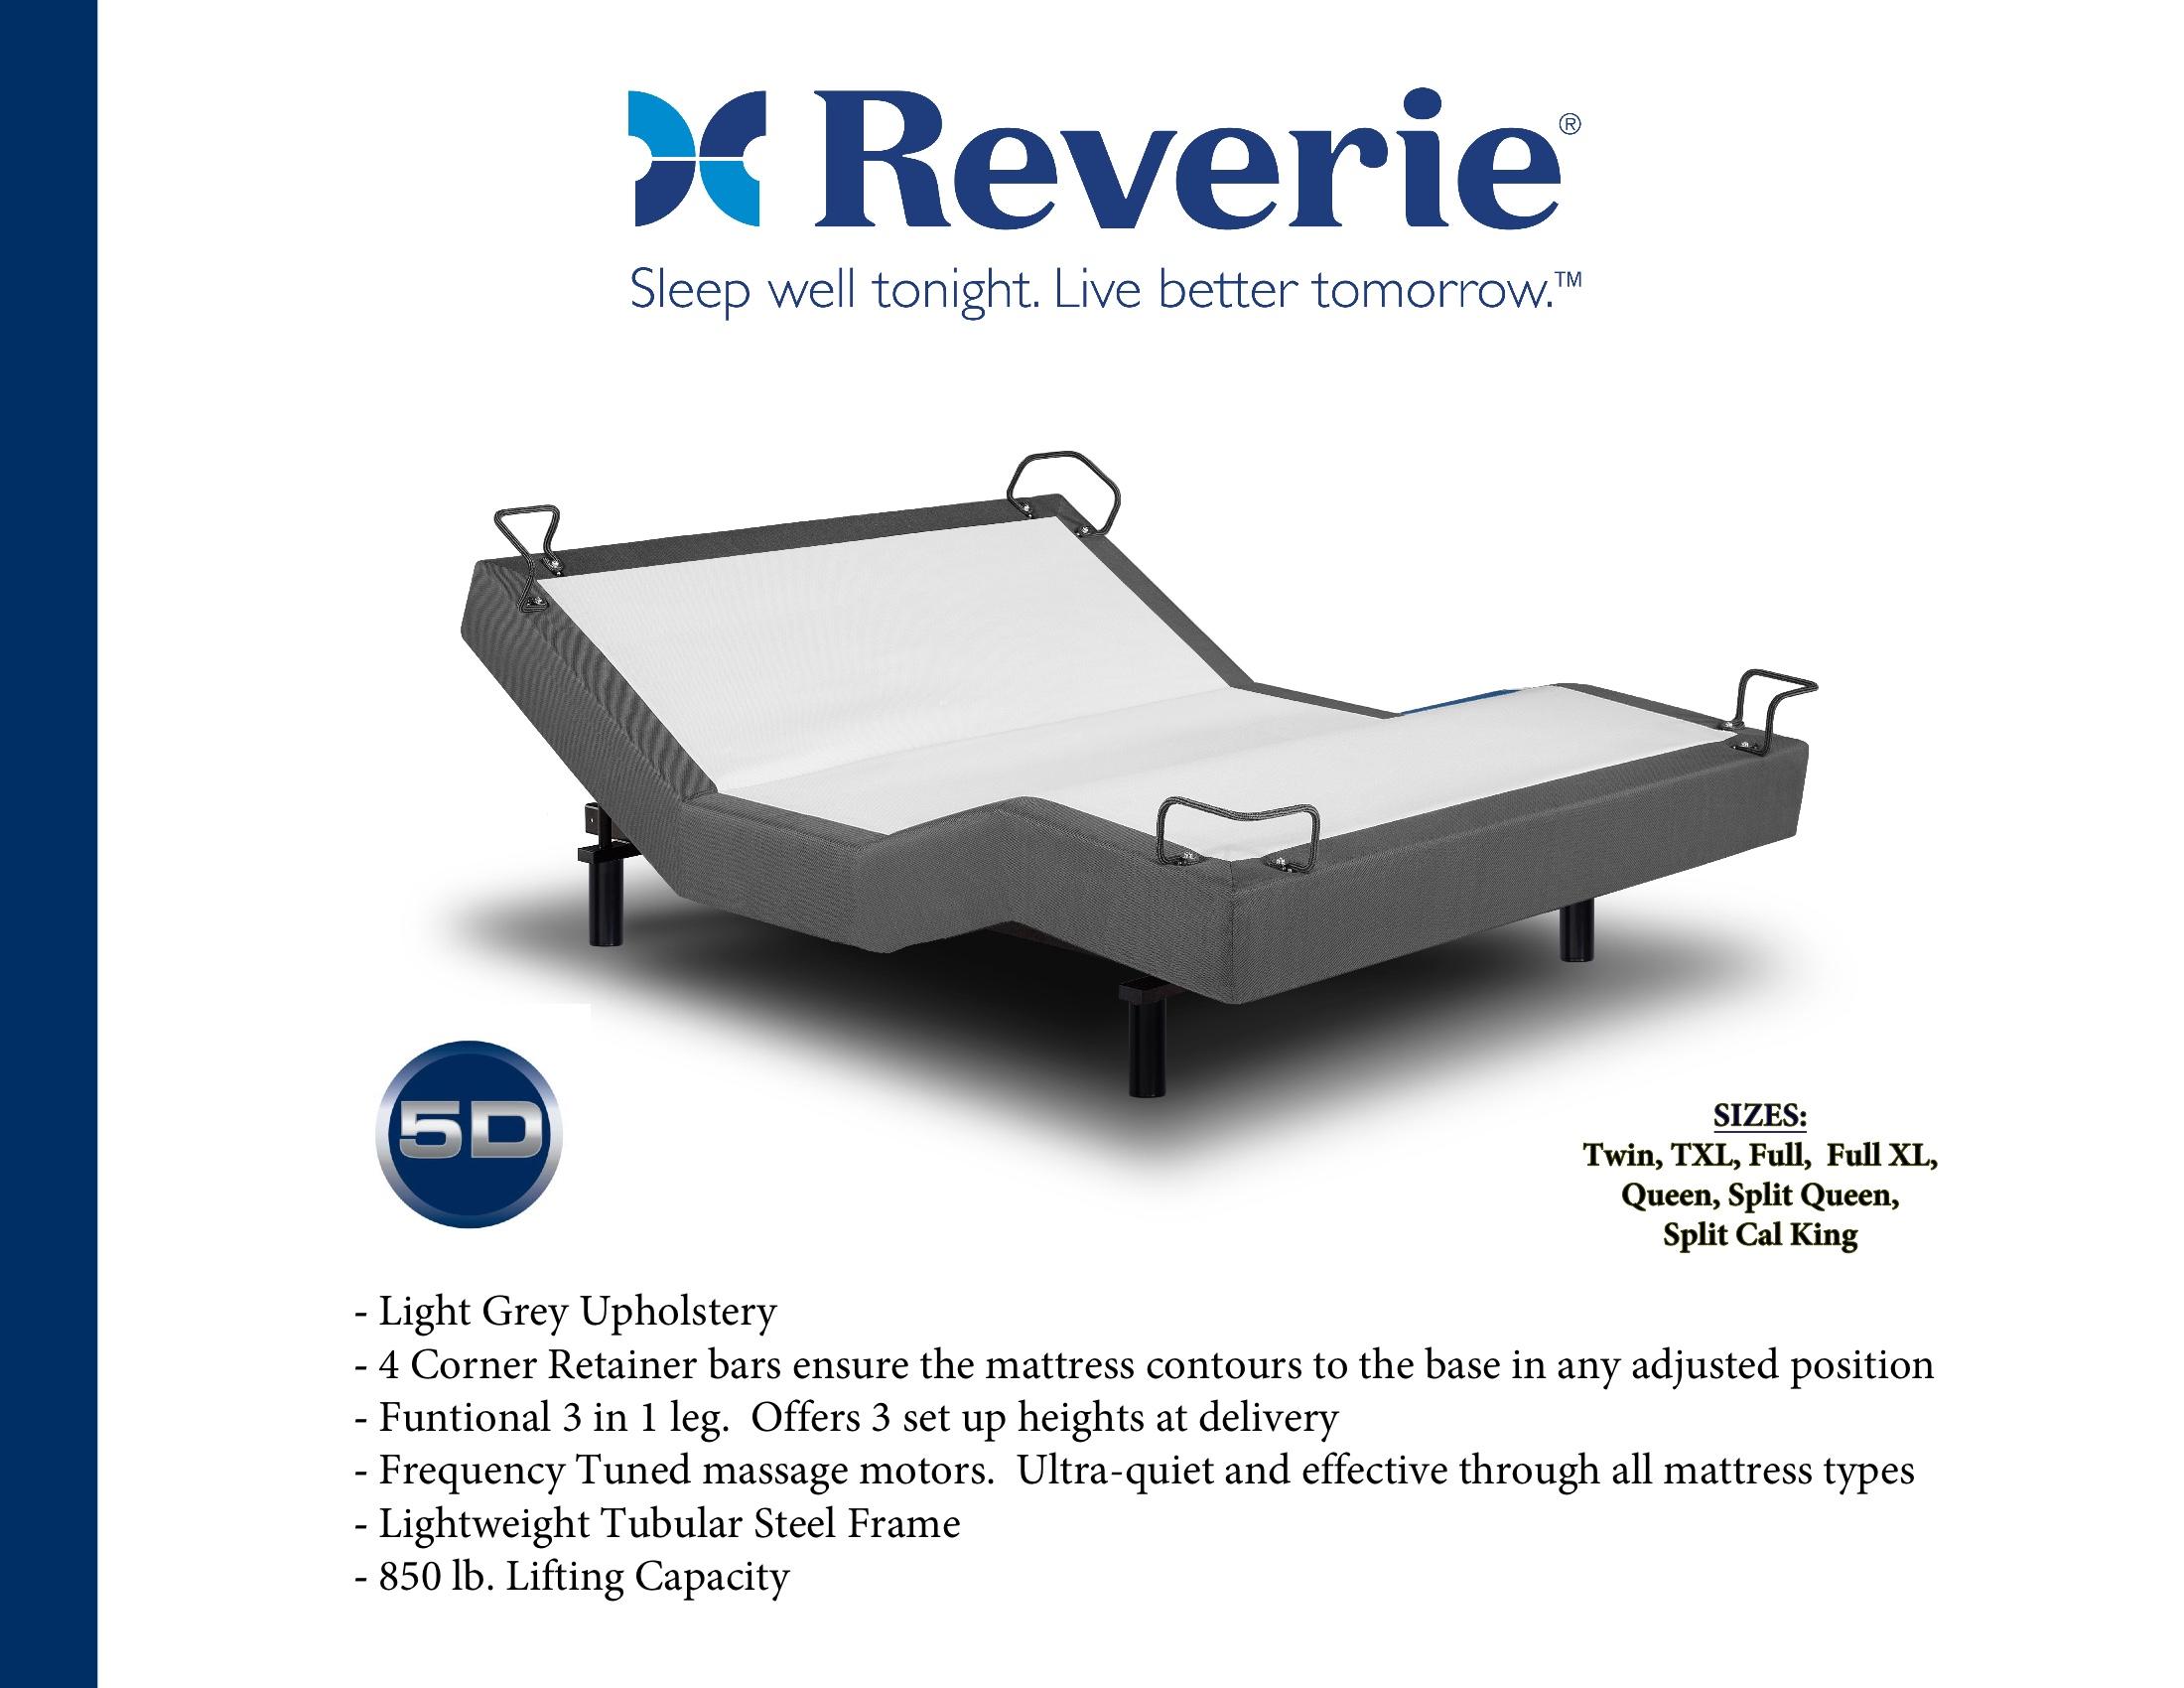 reverie-5d-specs.jpg